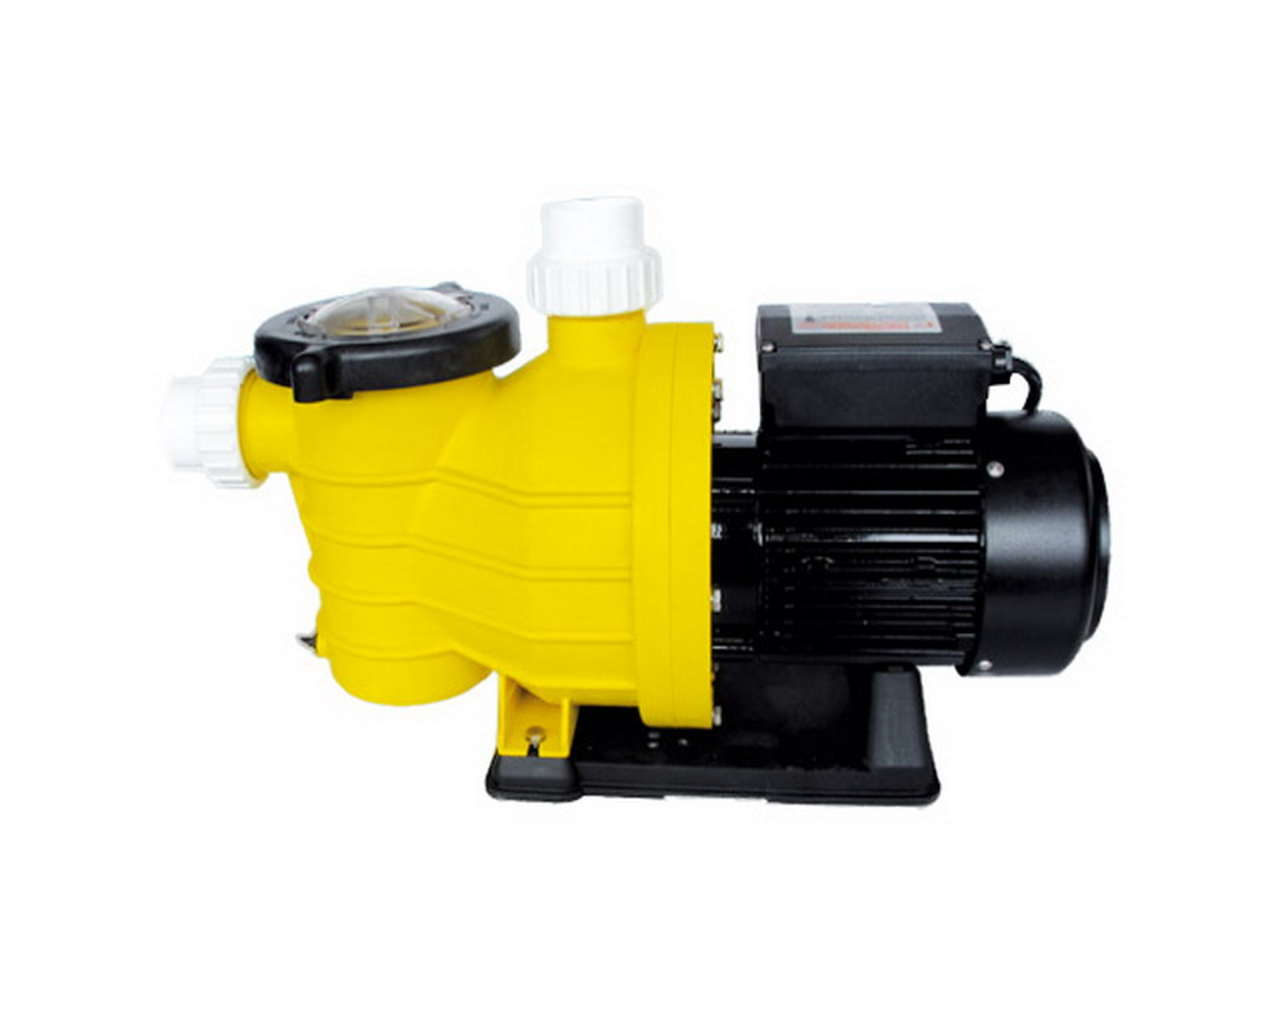 Pompe de filtration piscine mareva eco premium mono for Pompe piscine stp 75 mono